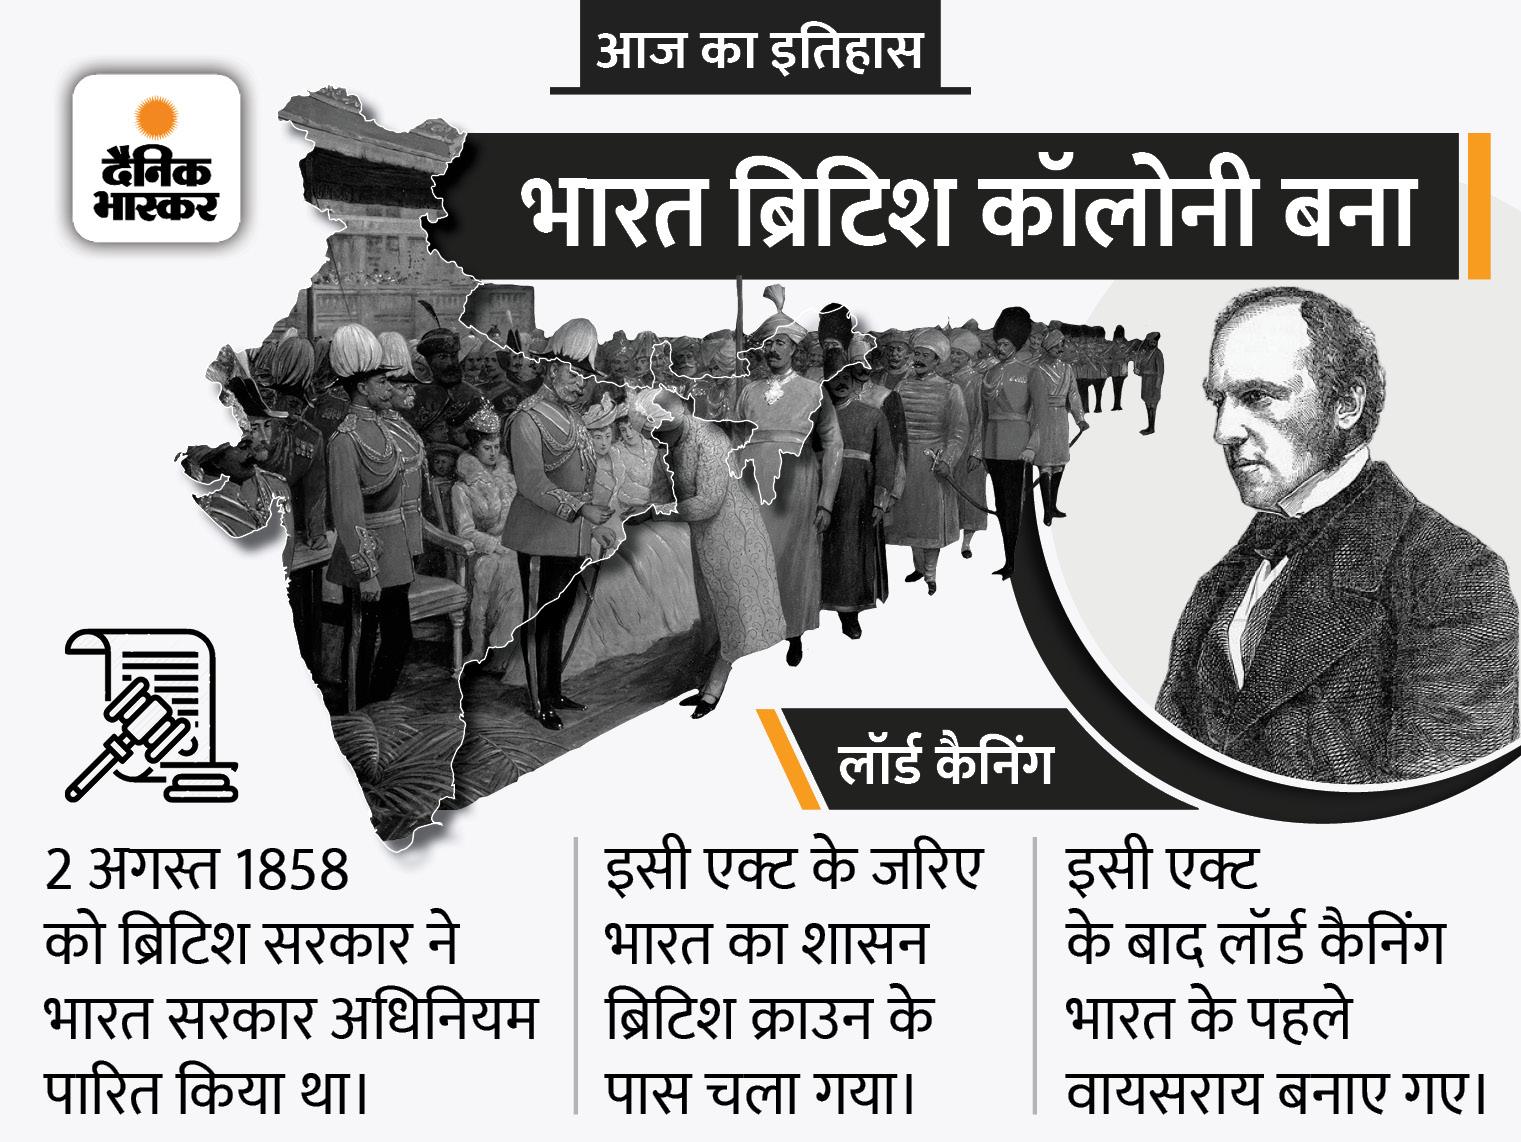 163 साल पहले ब्रिटिश संसद में पारित हुआ भारत सरकार अधिनियम, इसके बाद ही ब्रिटिश क्राउन का भारत पर राज चलना शुरू हुआ देश,National - Dainik Bhaskar